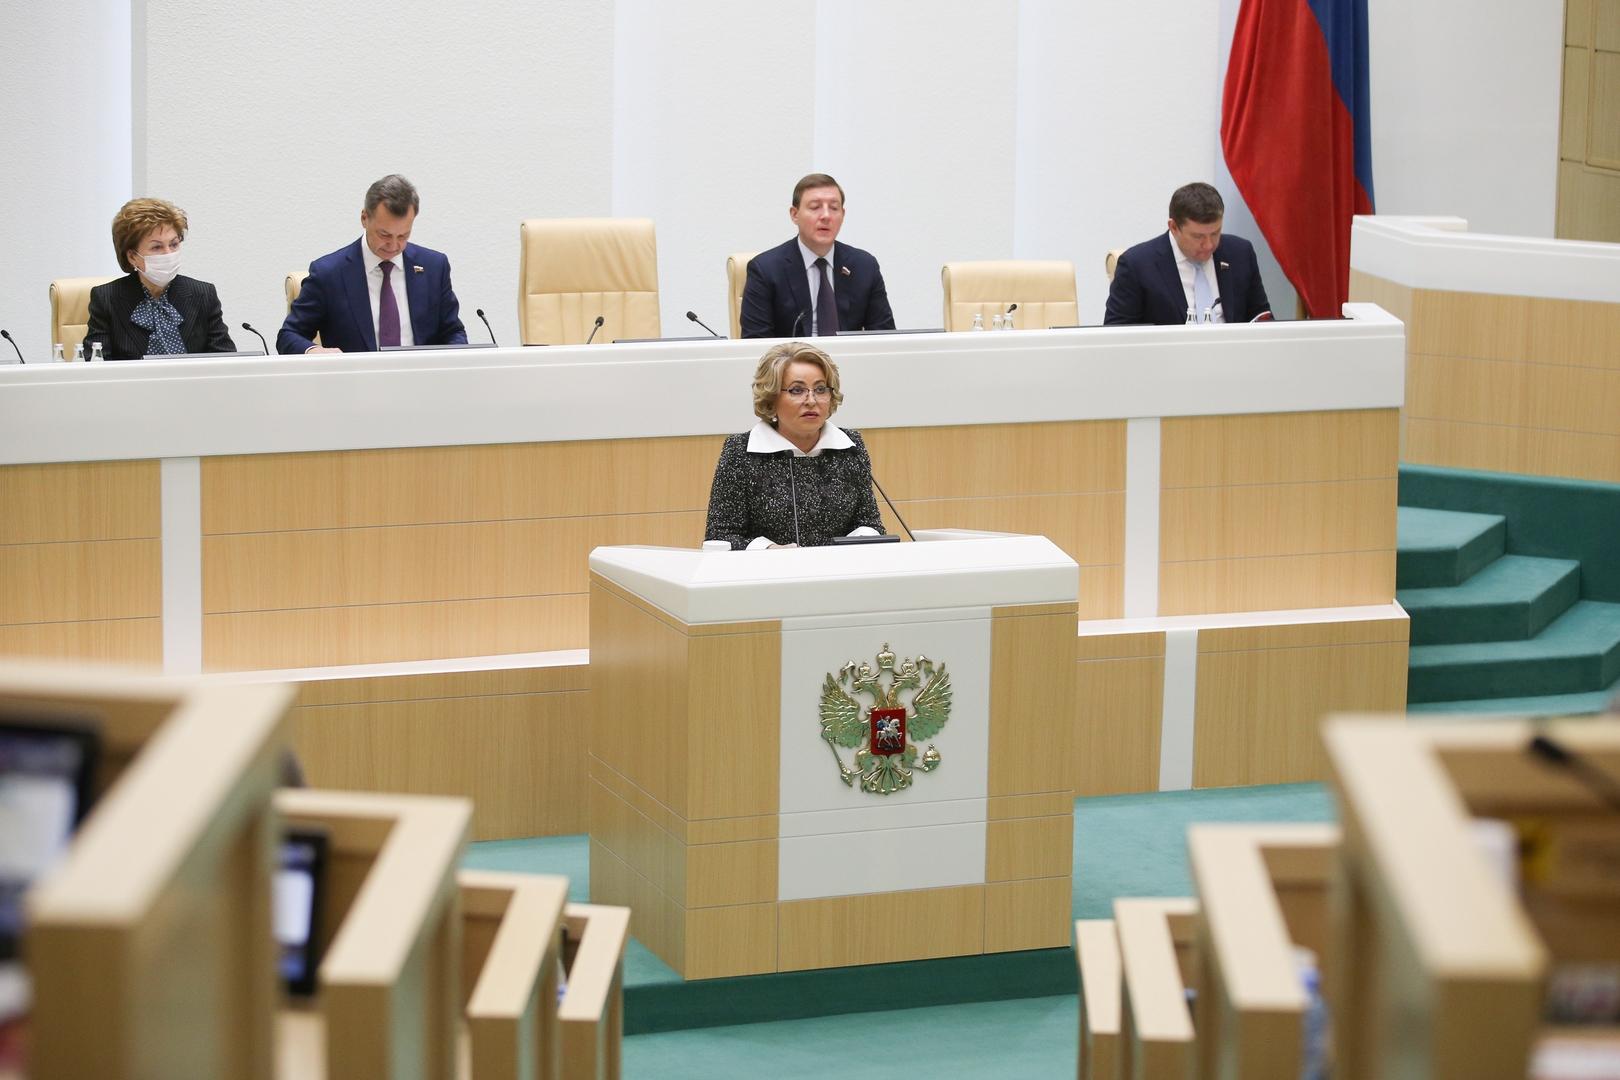 رئيسة مجلس الاتحاد الروسي فالينتينا ماتفيينكو